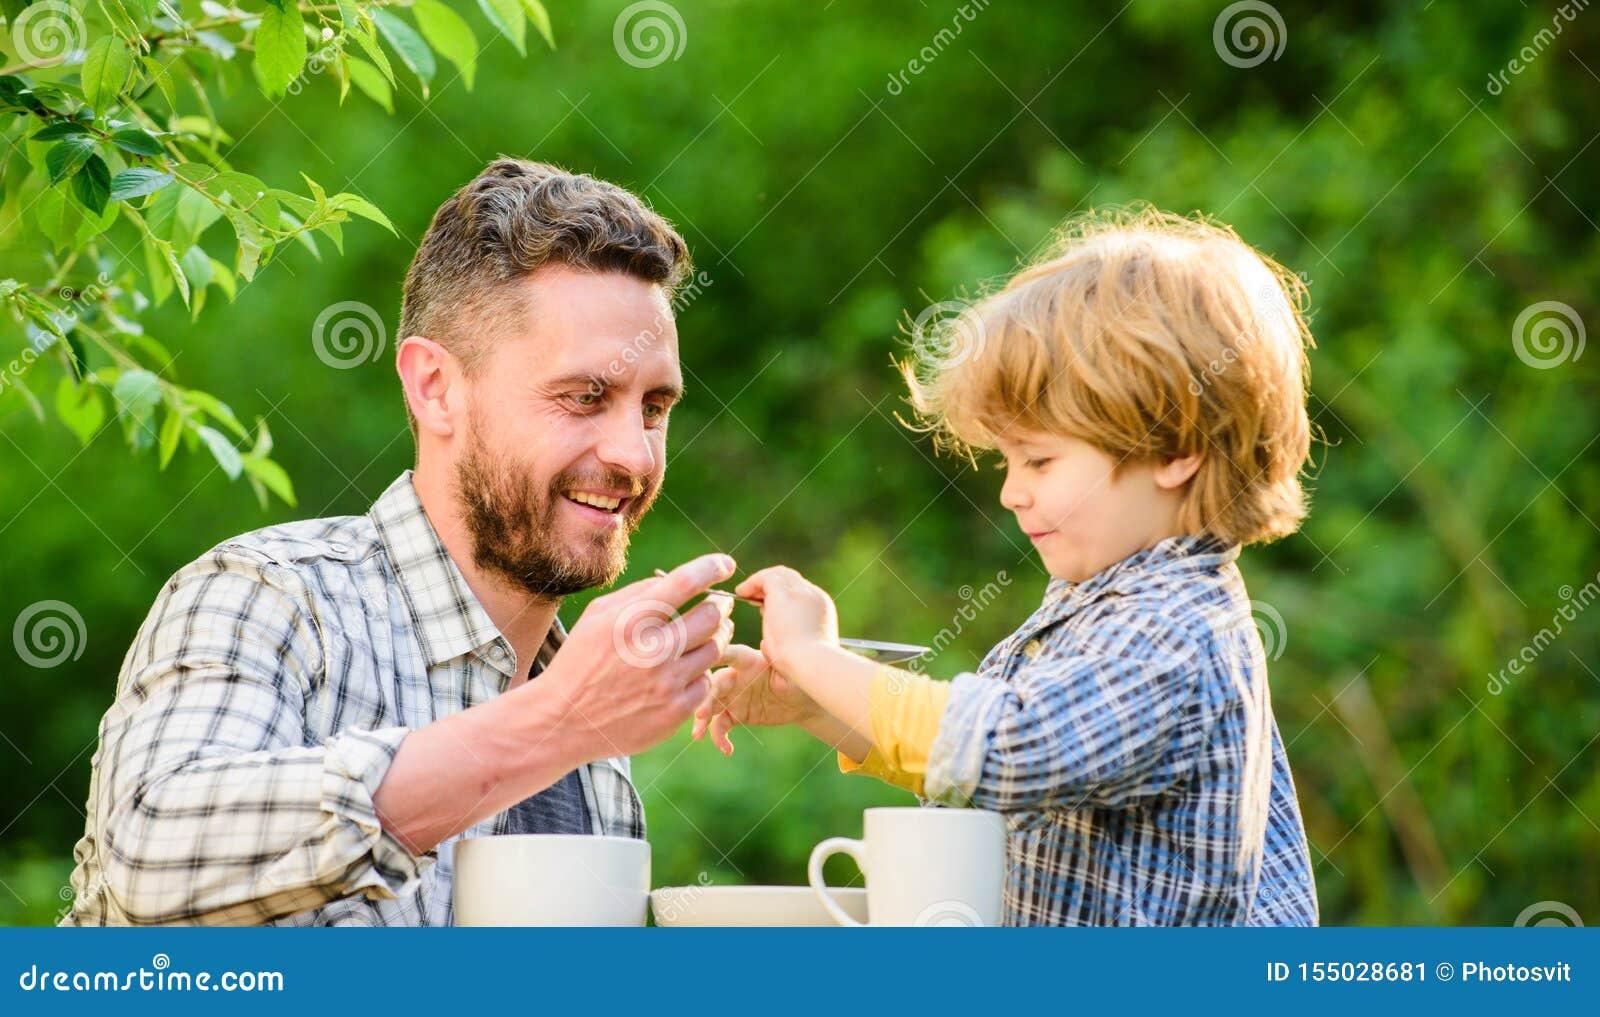 F?tterungssohn nat?rliche Nahrungsmittel Stadium der Entwicklung Zufuhrsohnkörper Vati und Junge drau?en essen und sich einziehen